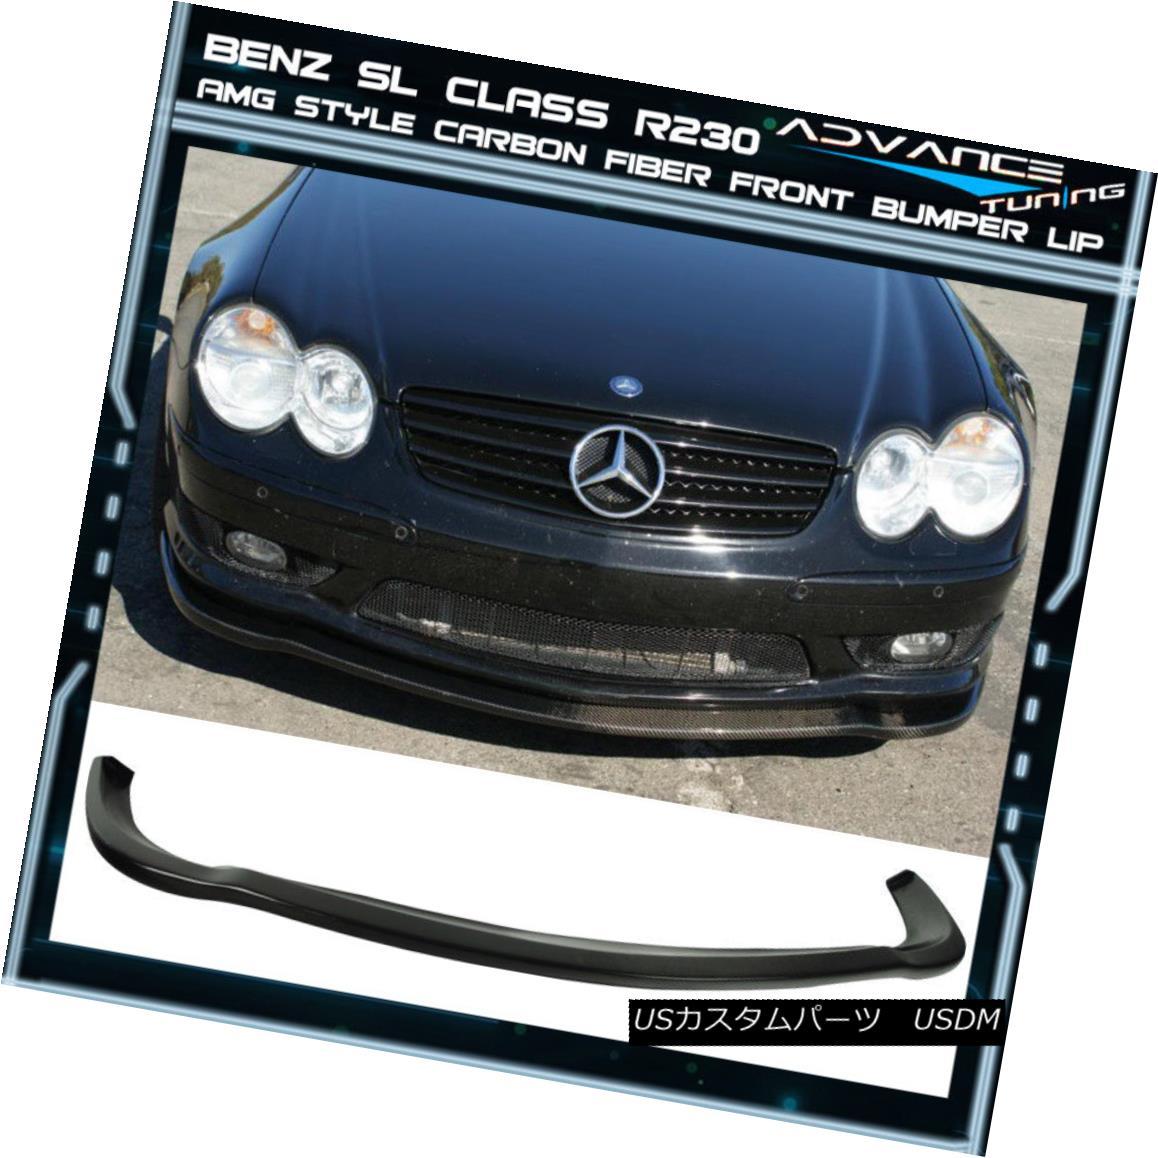 最新の激安 エアロパーツ 03-06 Benz Fiber SL Class R230 Benz AMG Style 03-06ベンツSLクラスR230 Front Bumper Lip Carbon Fiber CF 03-06ベンツSLクラスR230 AMGスタイルフロントバンパーリップカーボンファイバーCF, pipi:adb93f6a --- promotime.lt